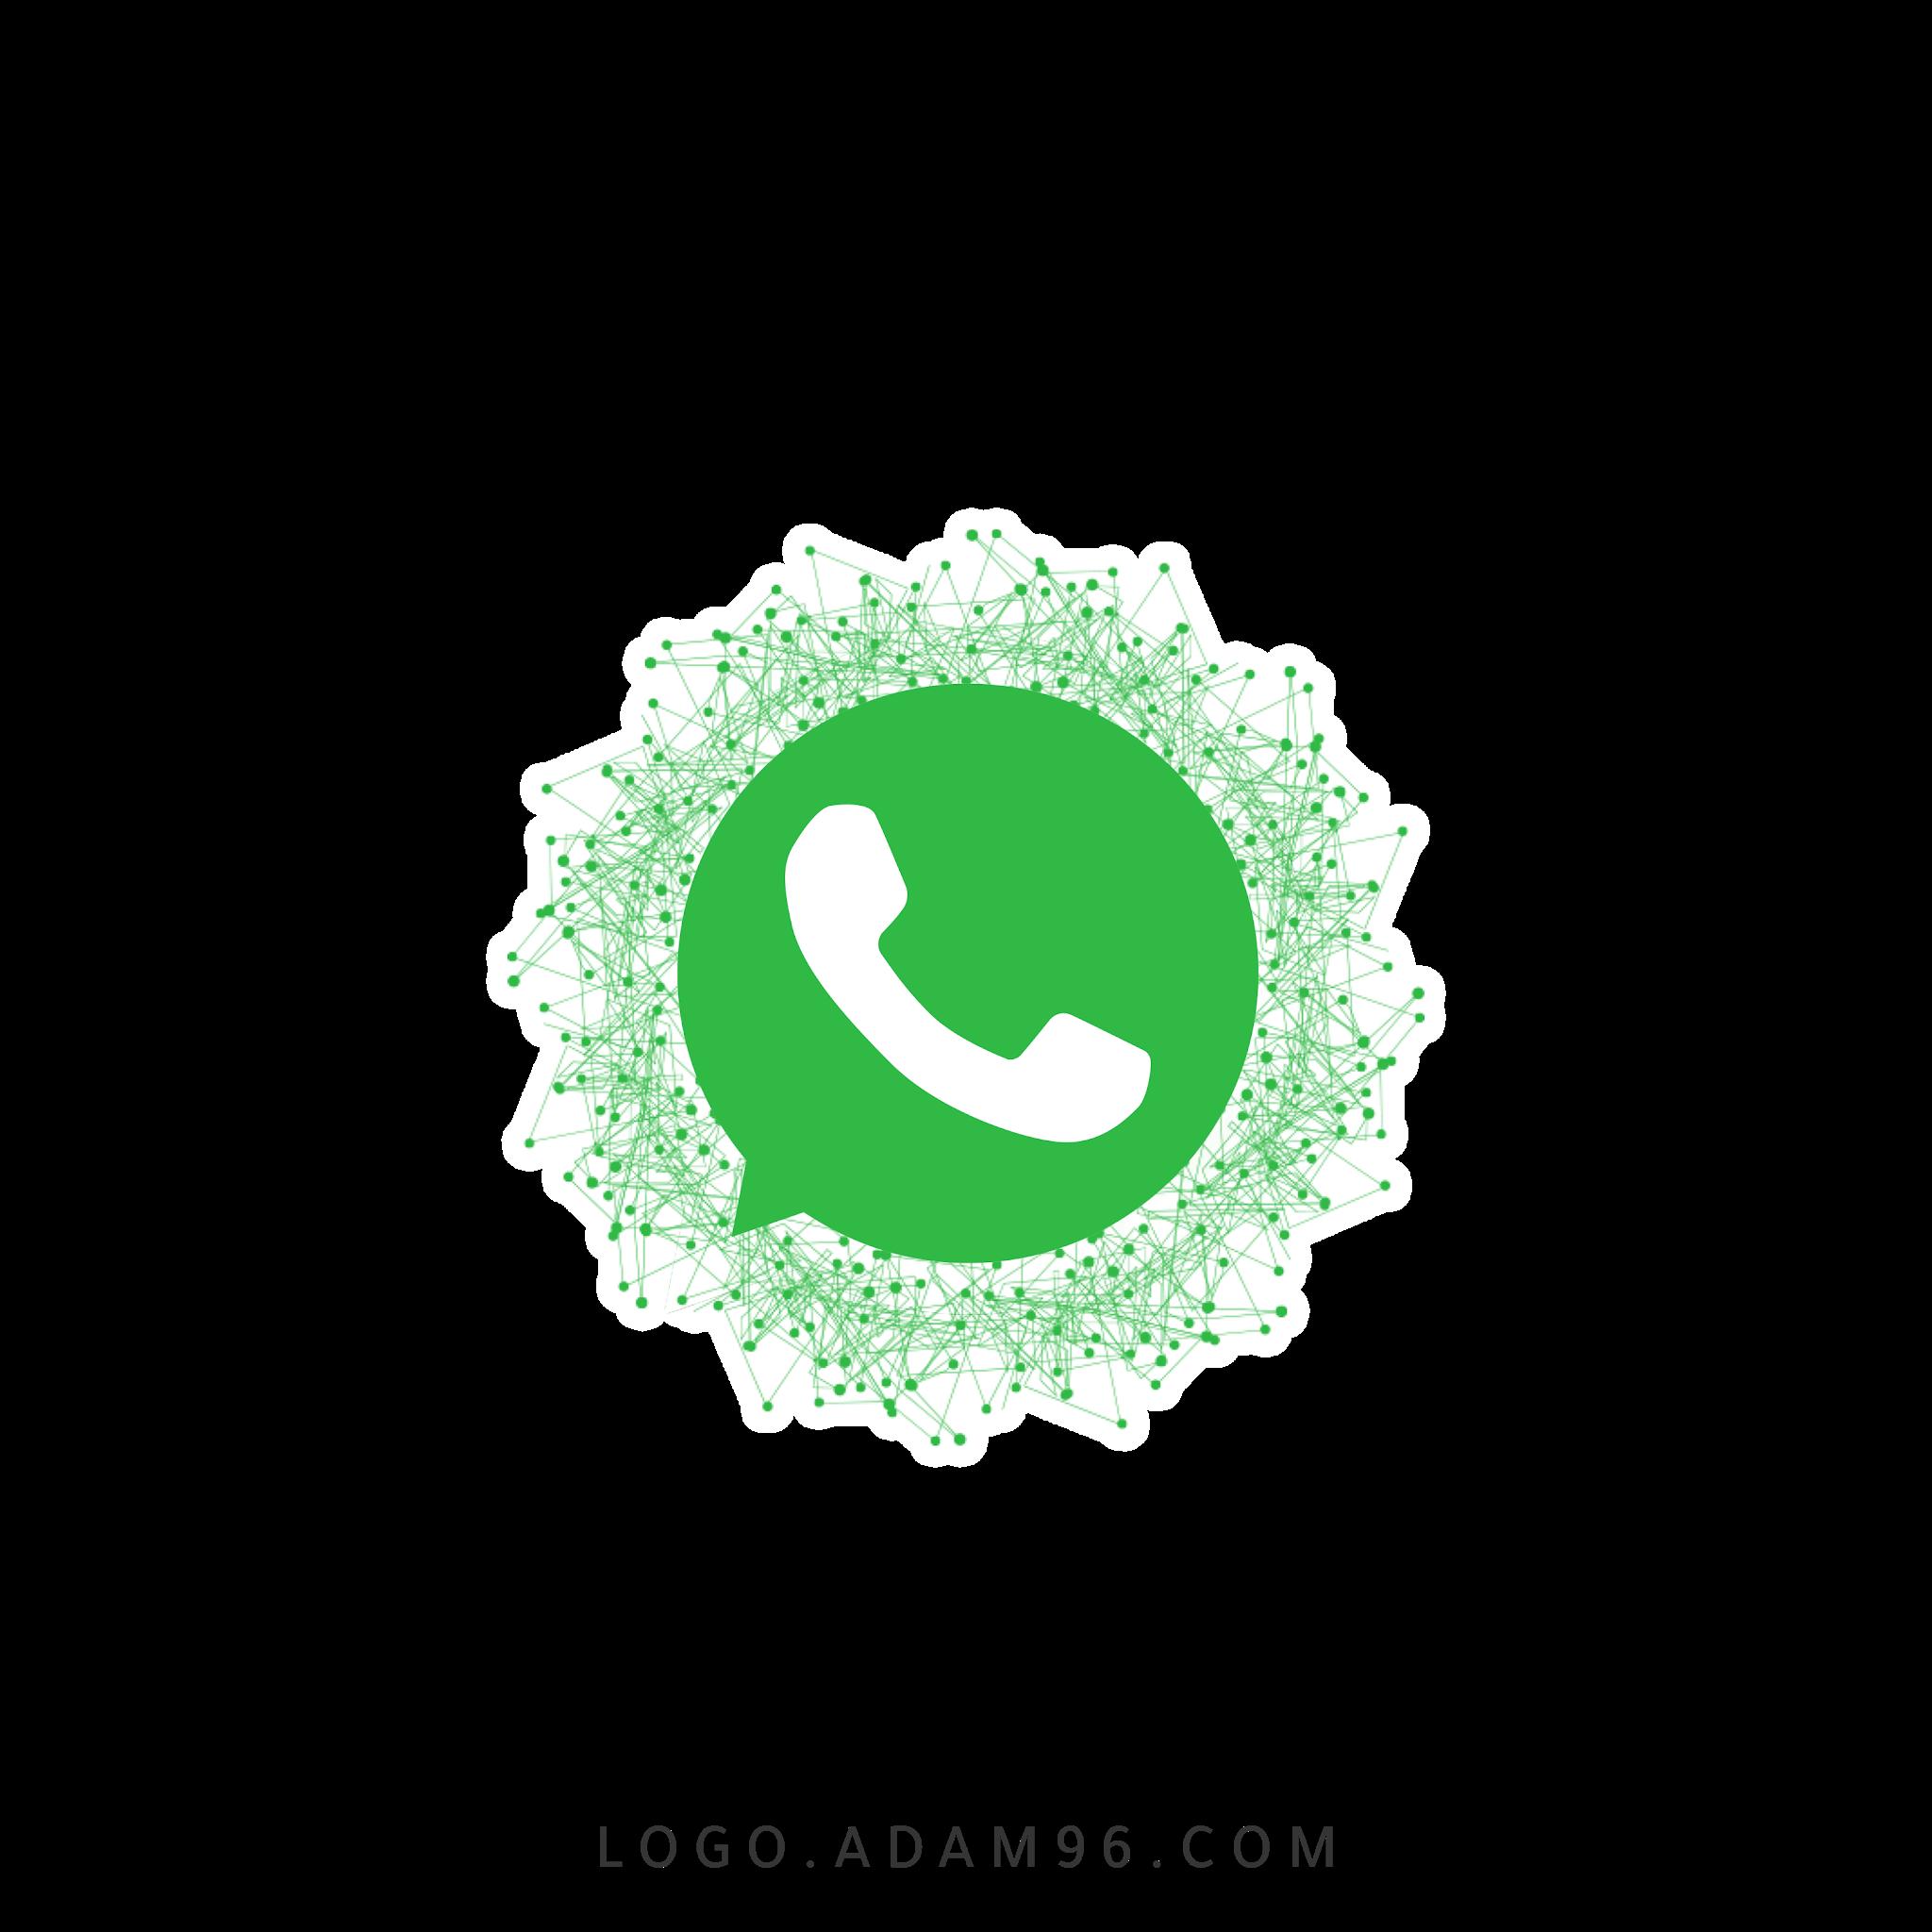 تحميل ايقونة واتساب عالية الدقة بصيغة شفافة للمنتاج والتصميم Whatsapp Icon PNG